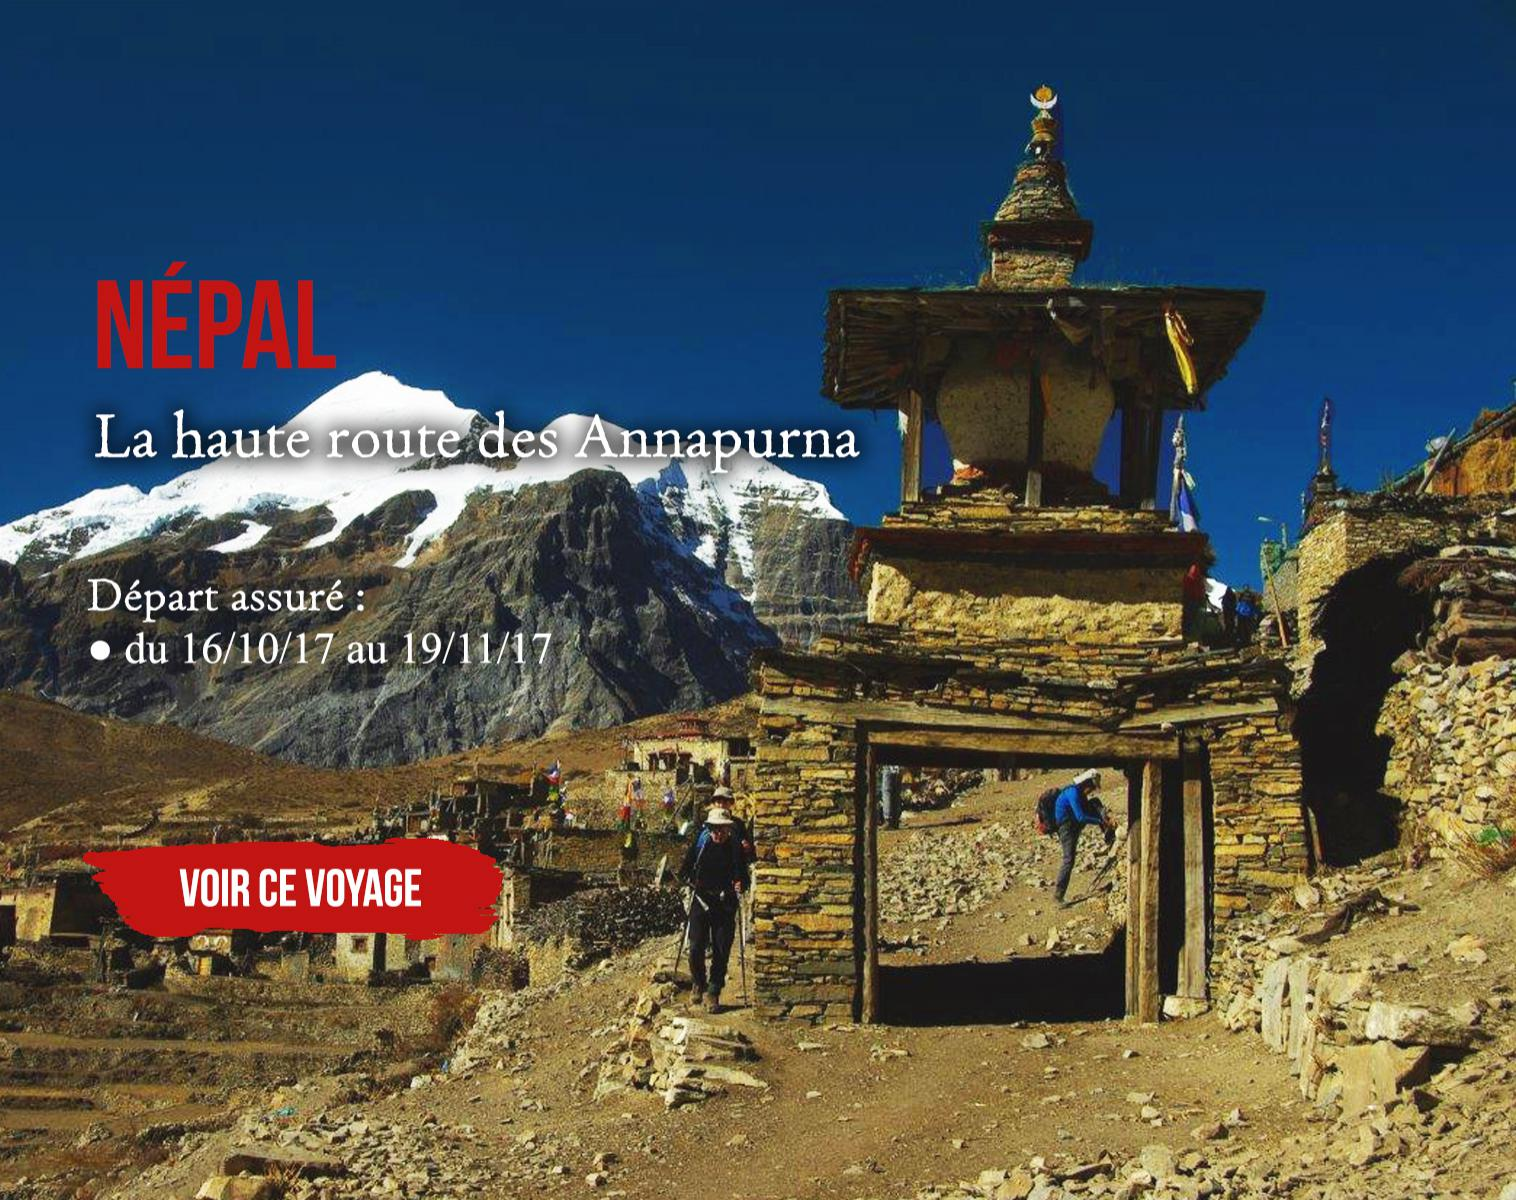 Népal, la haute route des Annapurnas